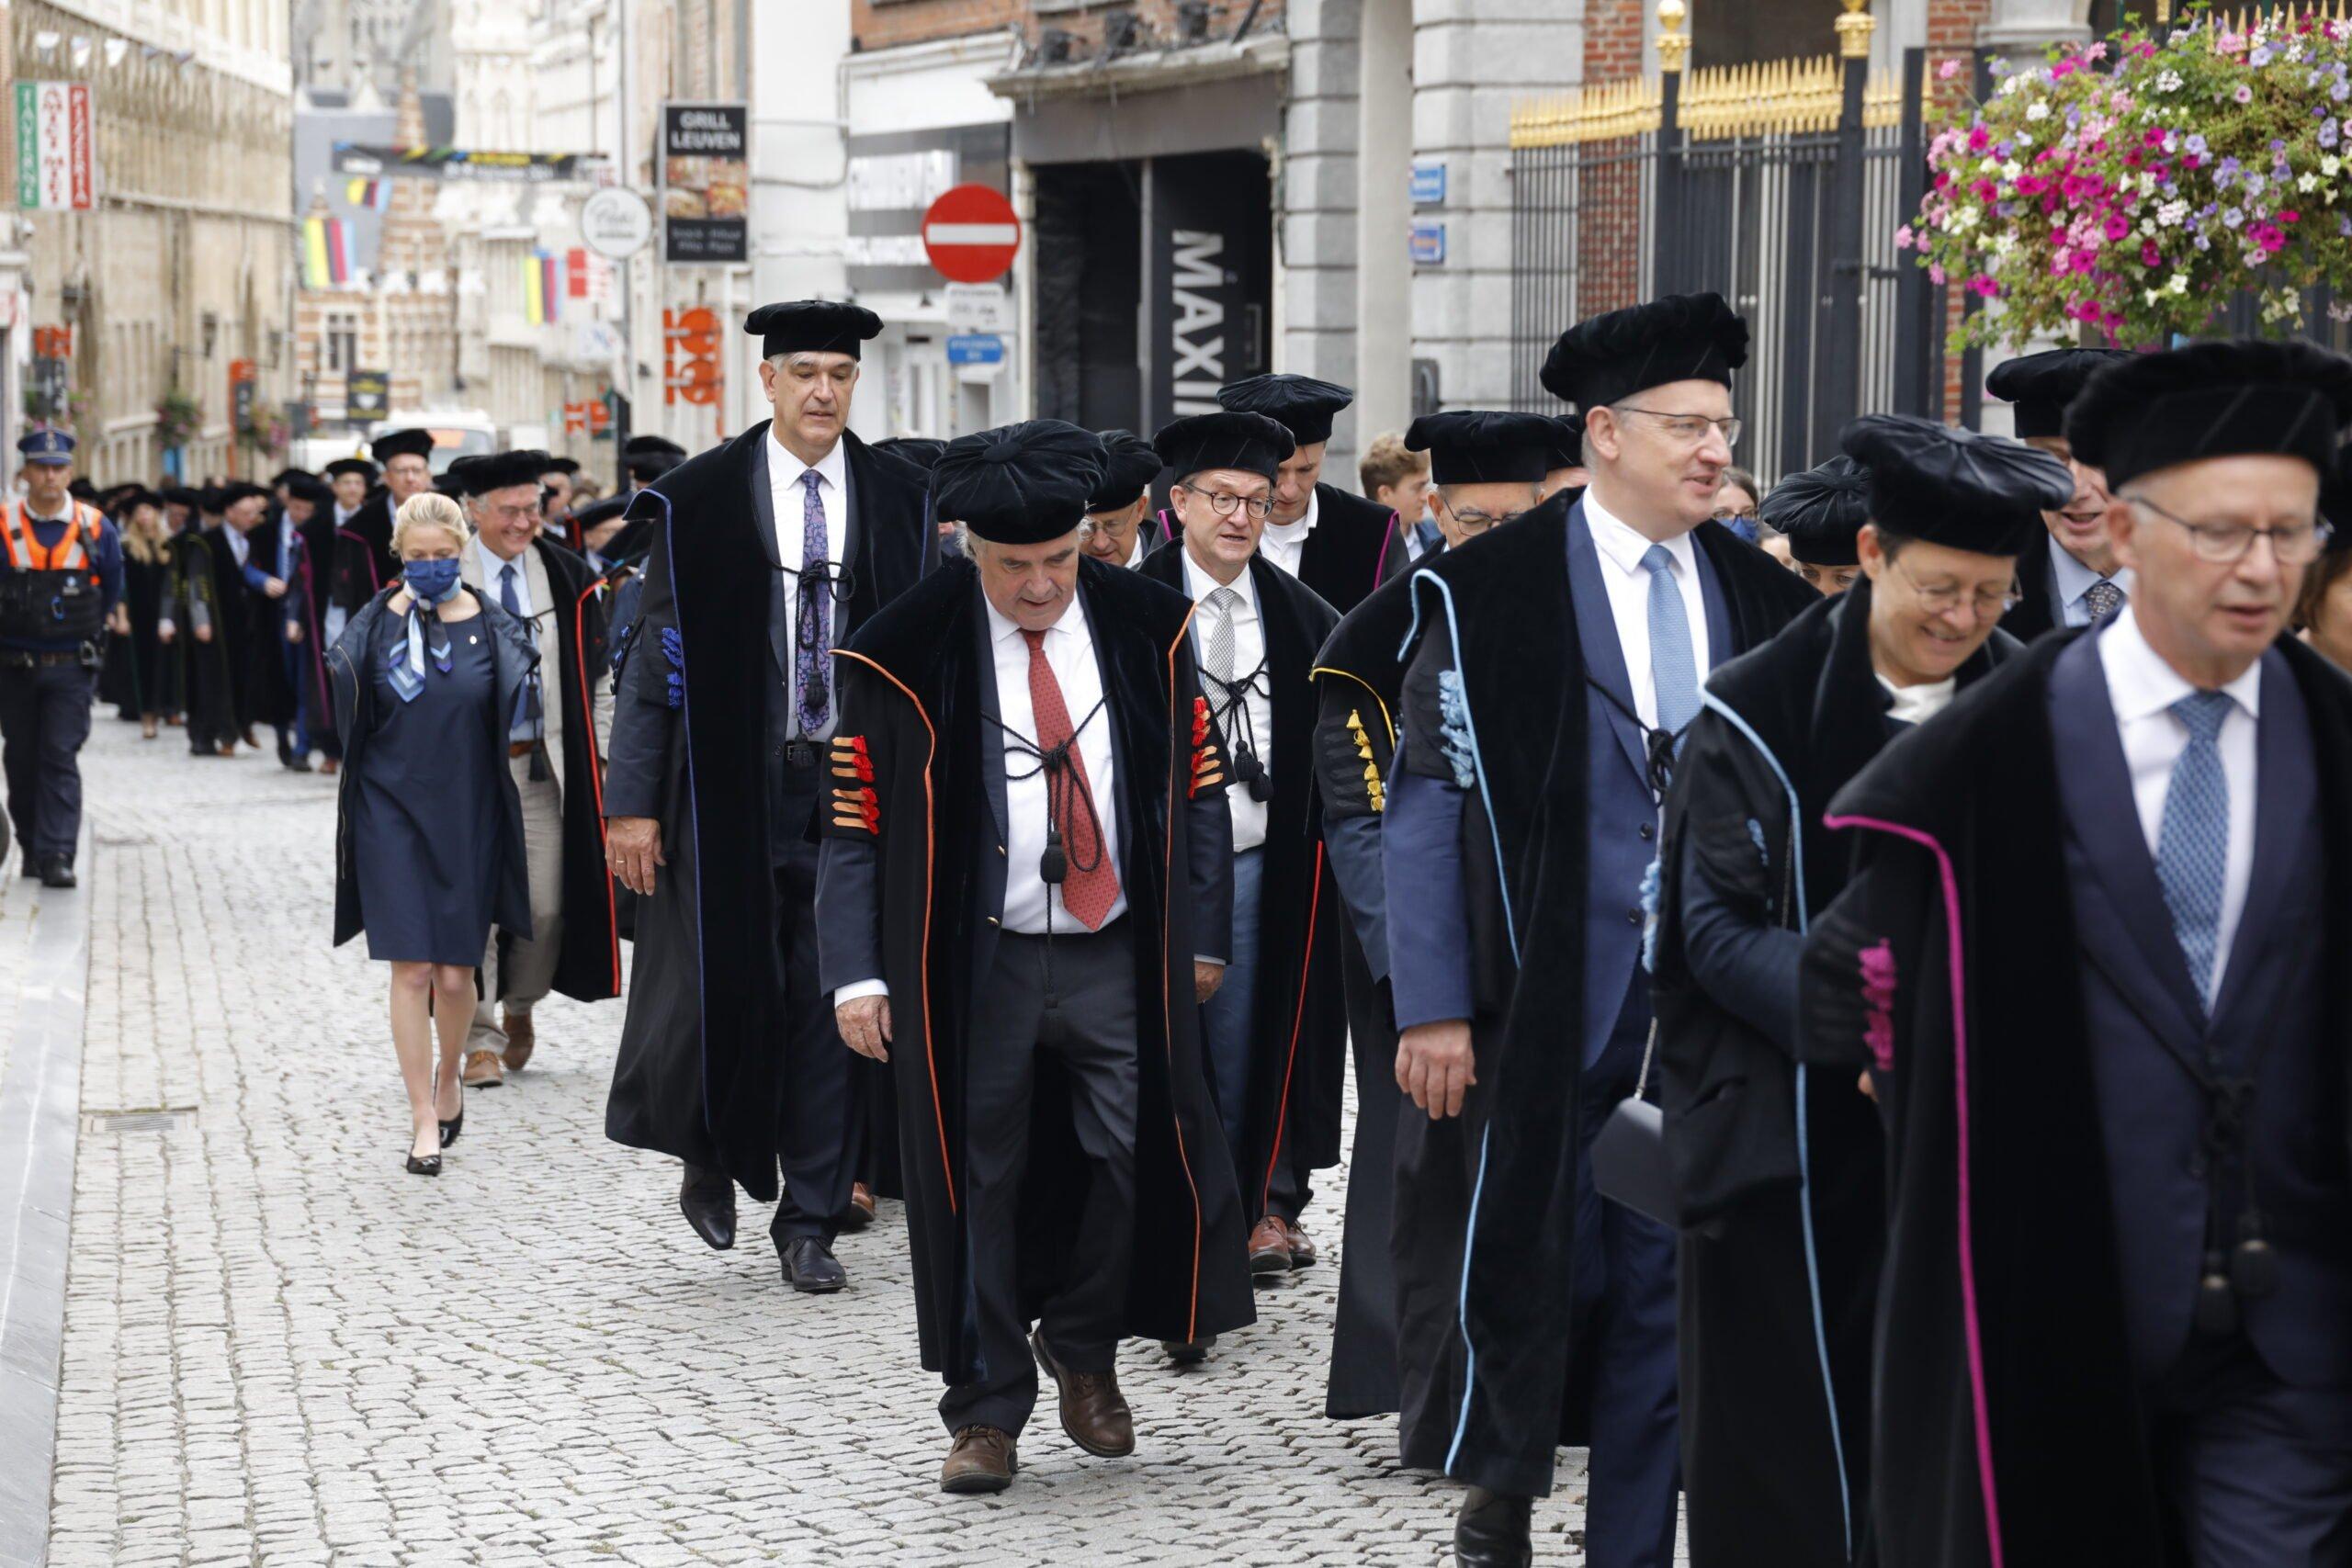 Stoet der togati, op weg naar de Aula 'Pieter De Somer' voor de academische zitting Foto: Persdienst KU Leuven